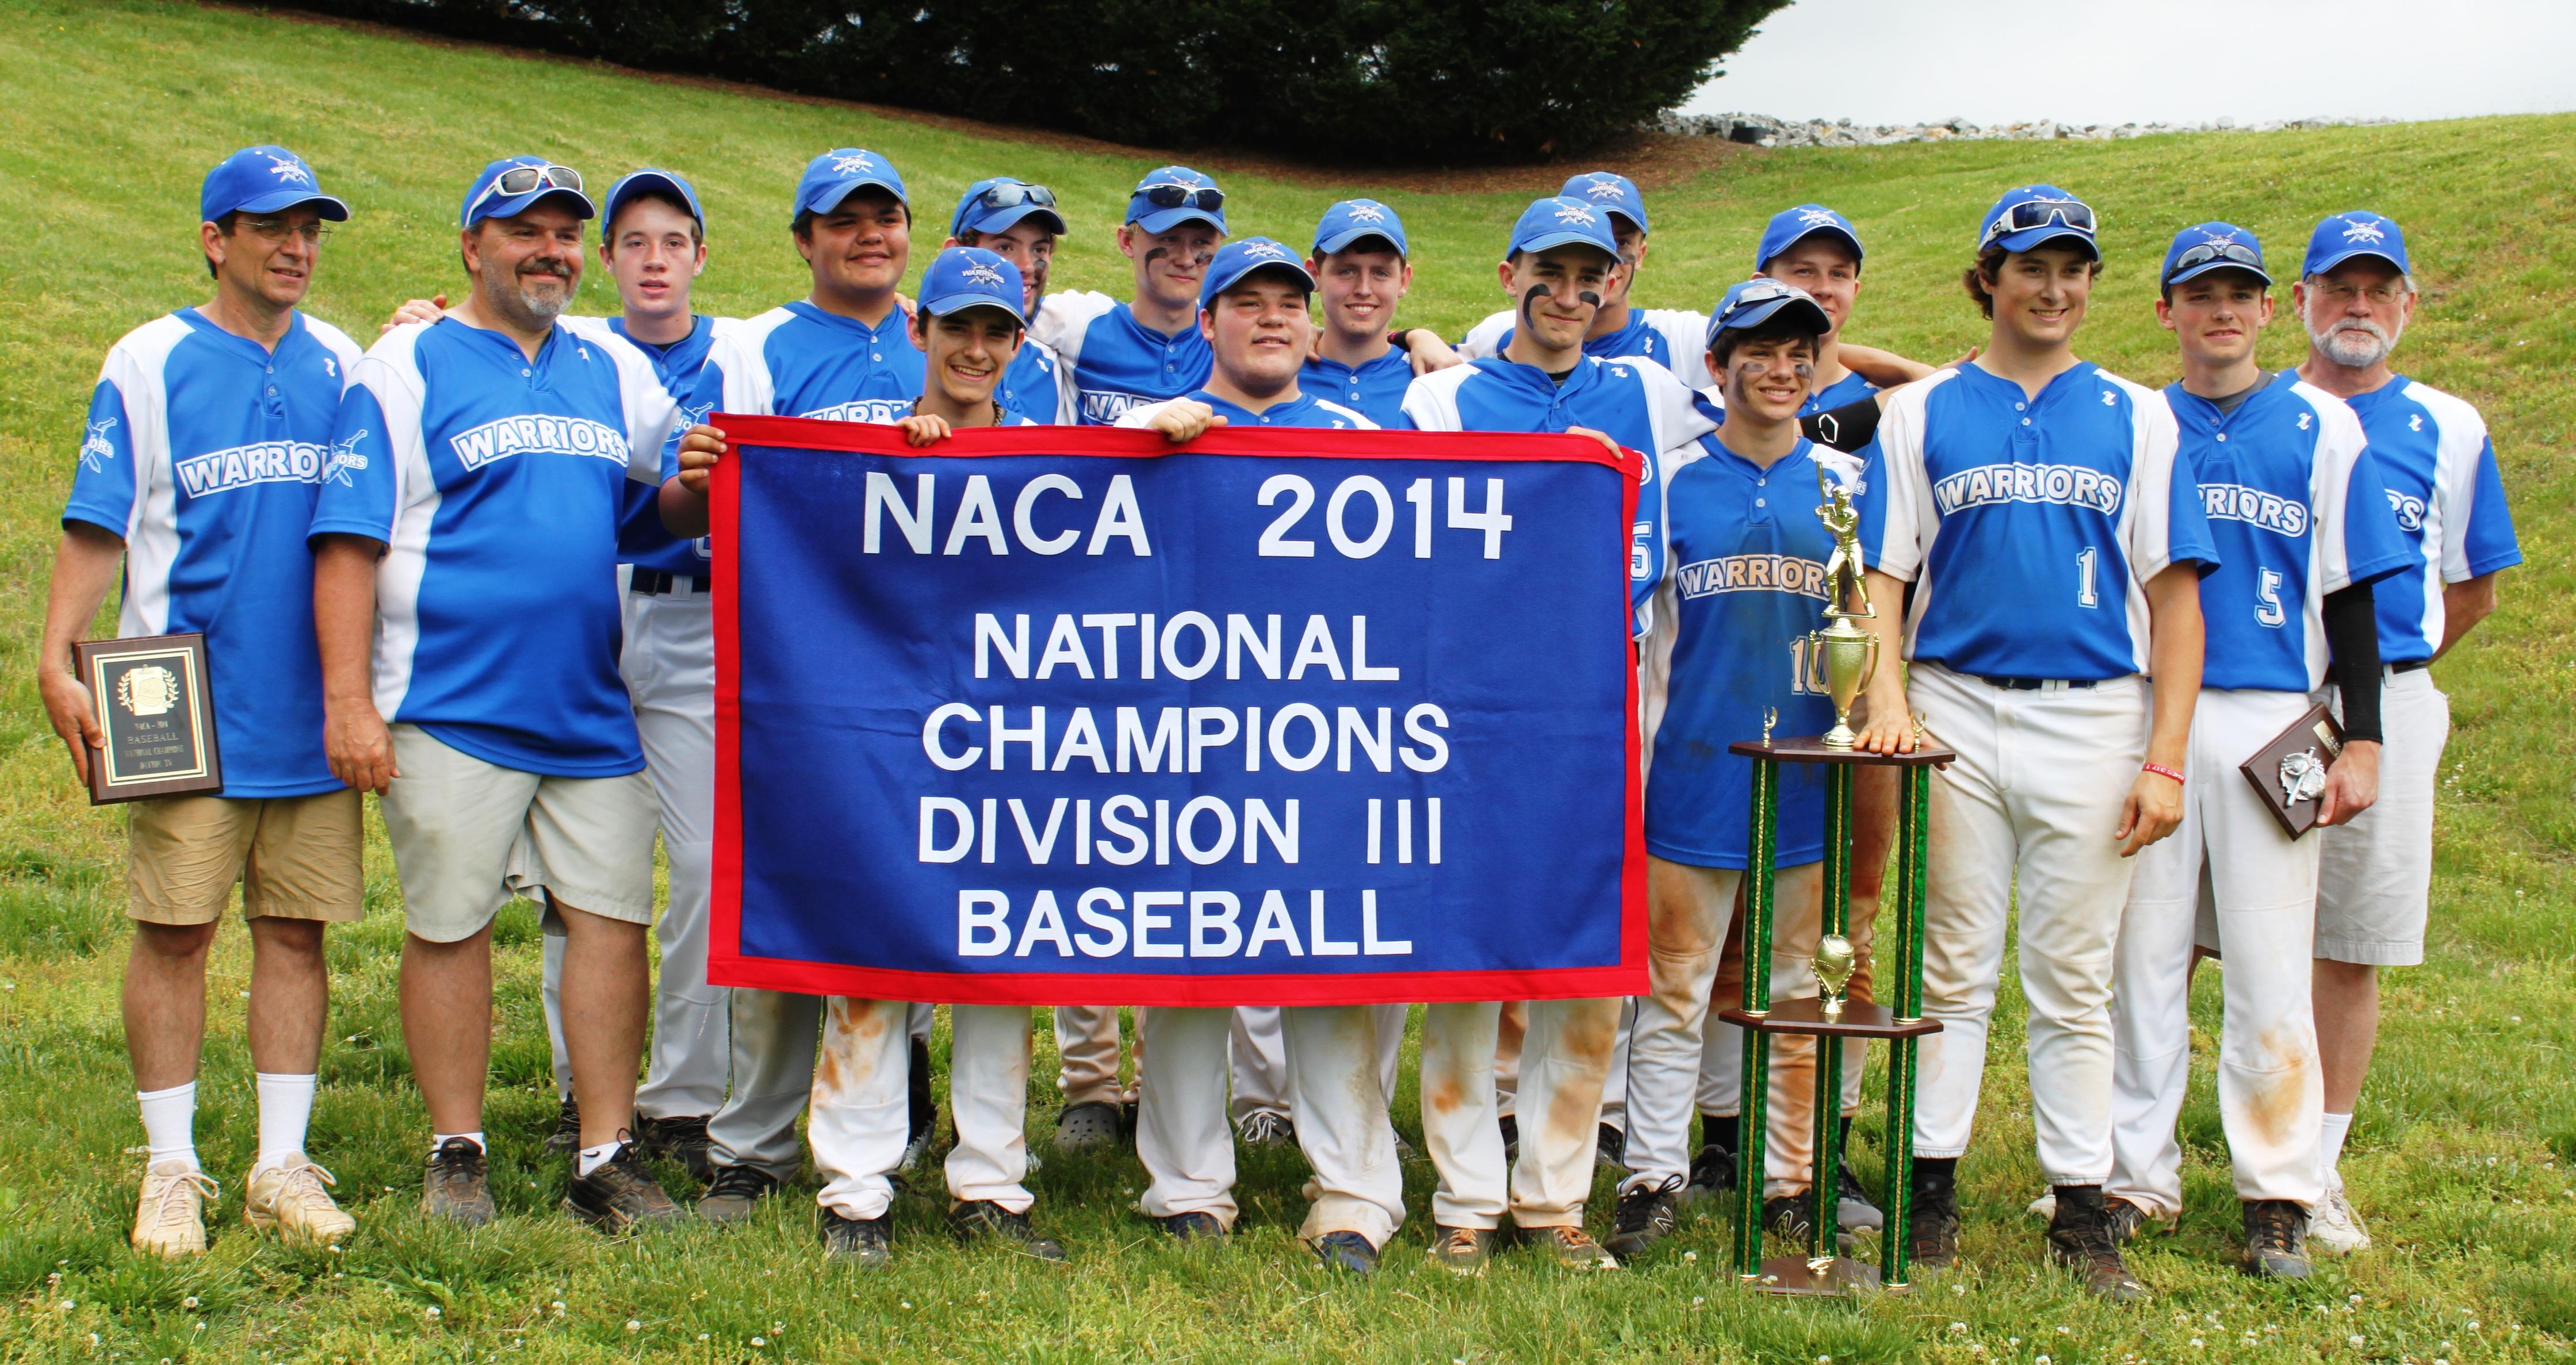 NACA Champions 2014